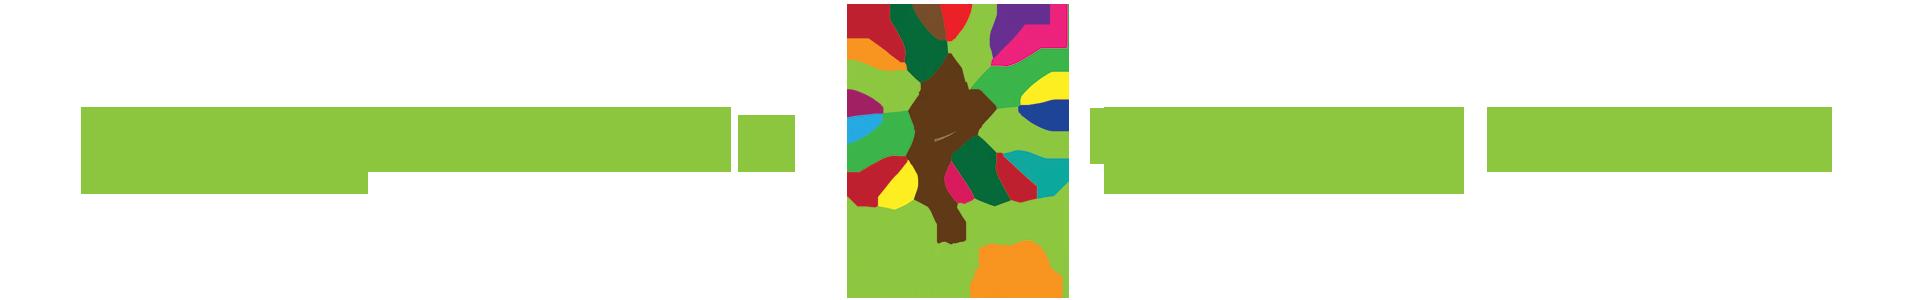 JongerenCommissie Vereniging Ettaouhid | Samen groeien, altijd doorgaan!